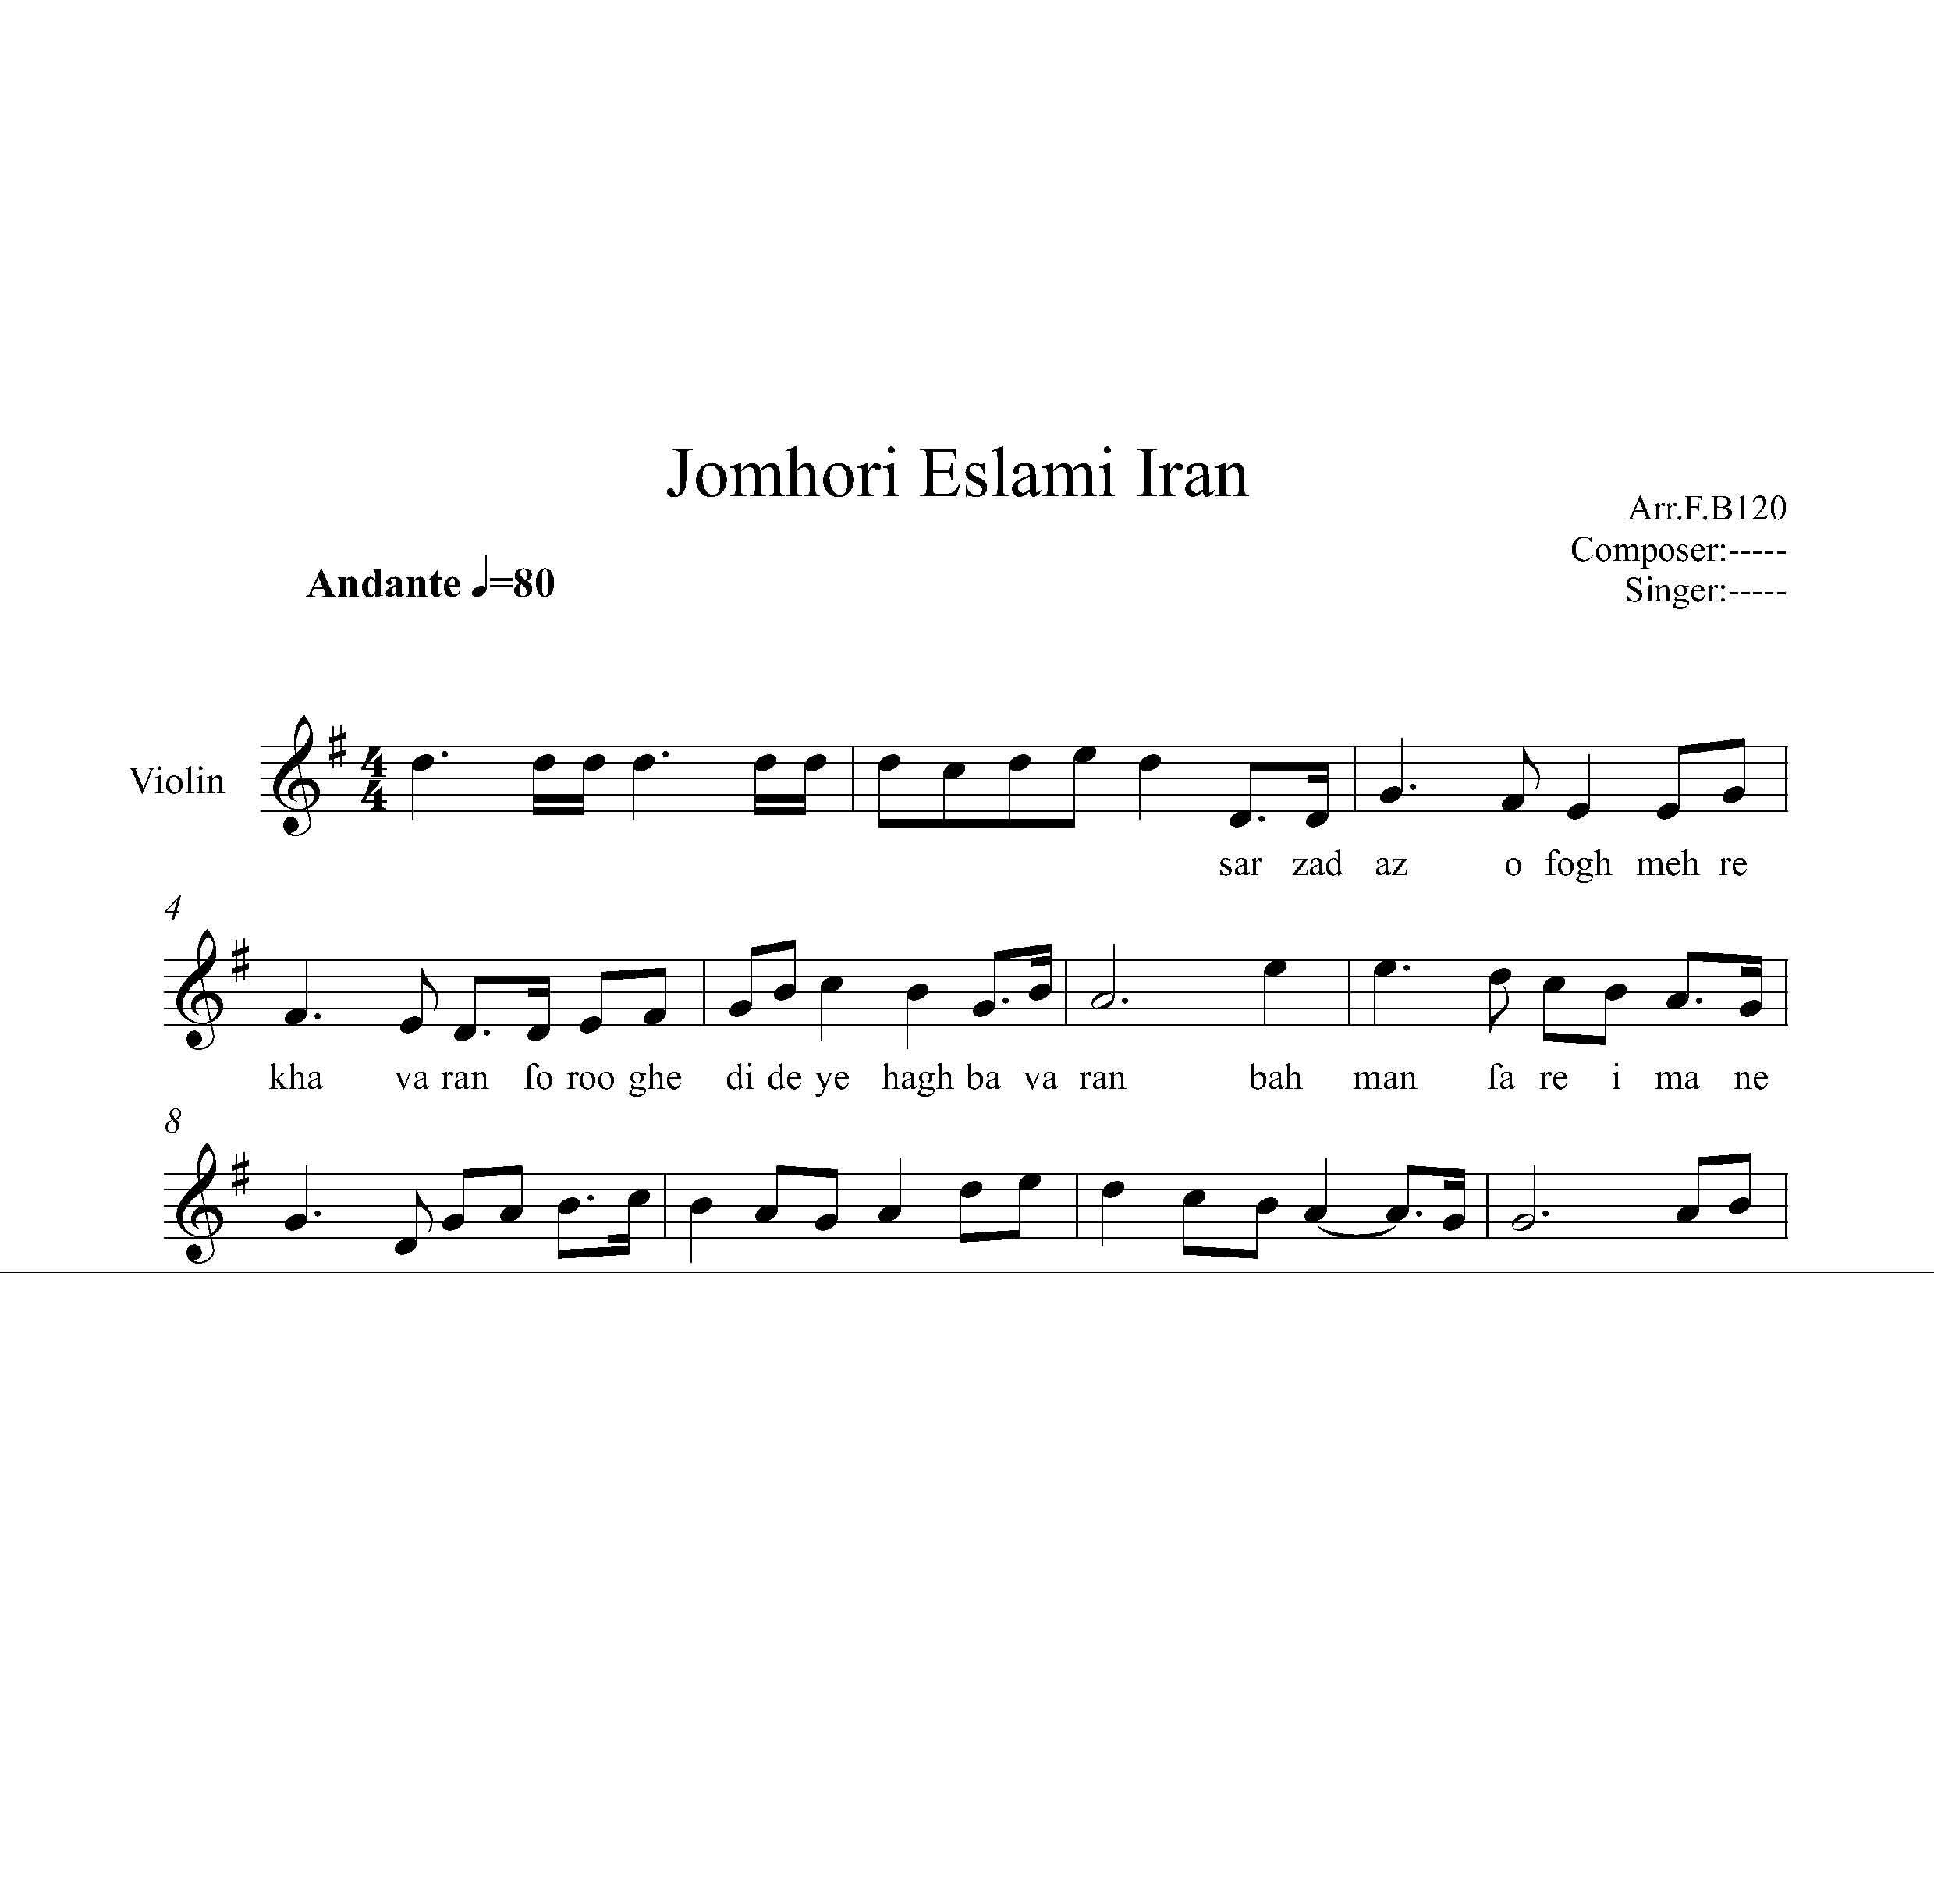 نت ویولن سرود جمهوری اسلامی ایران